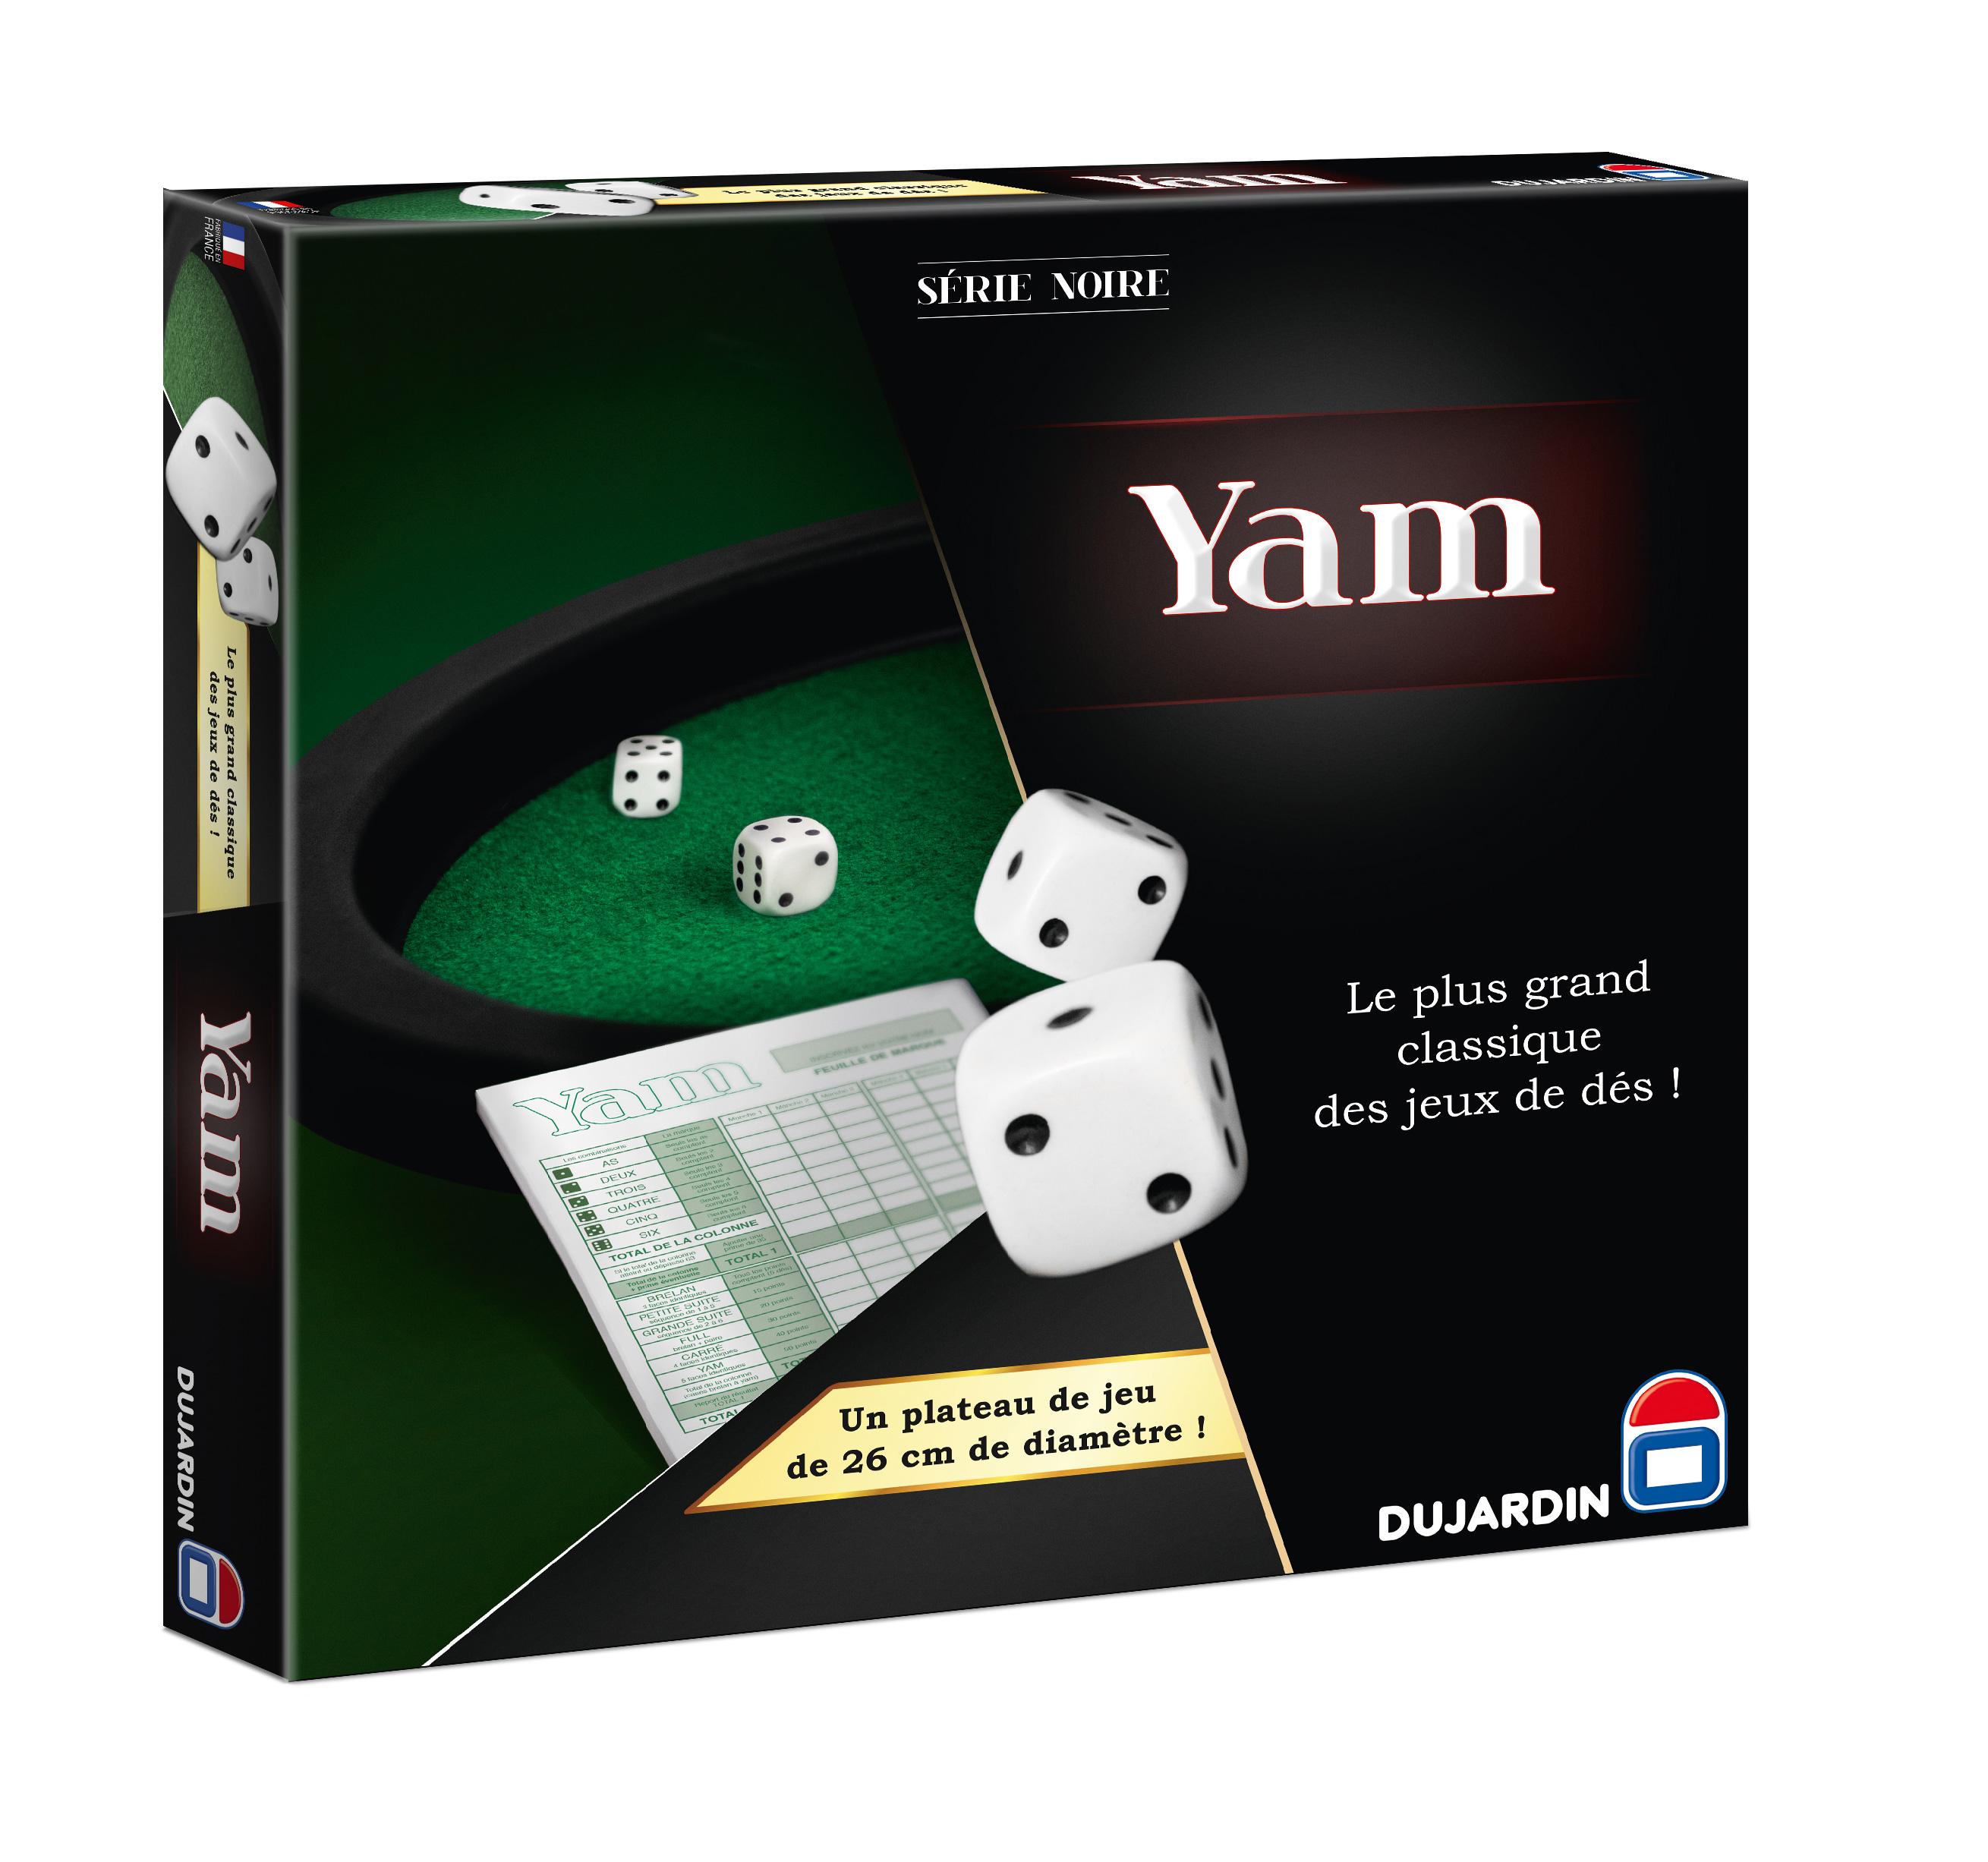 Série noire - Yam 421